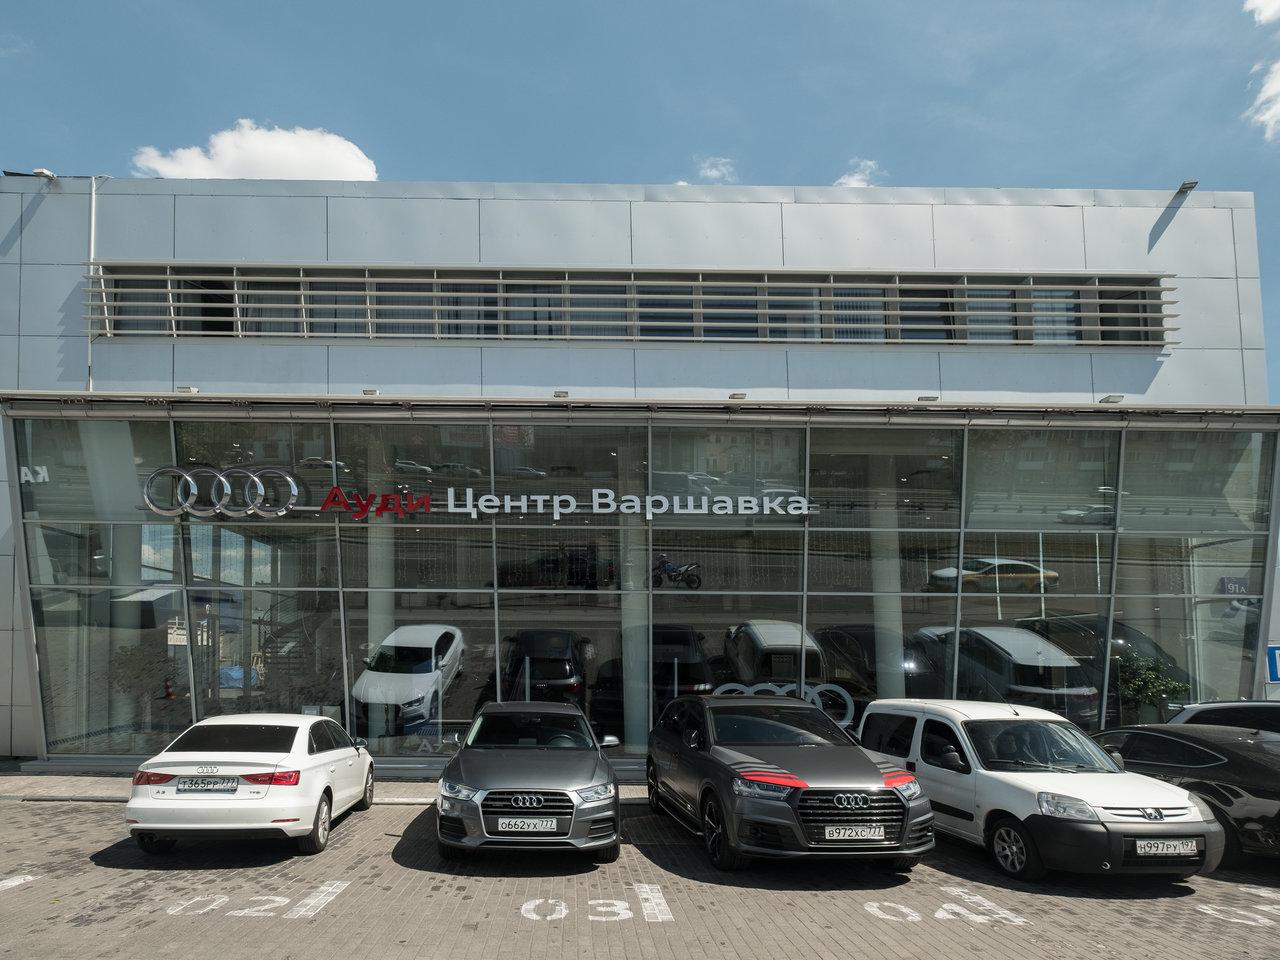 Автосалоны ауди в москве официальный дилер авто с пробегом могут ли судебные приставы арестовать машину в залоге банка